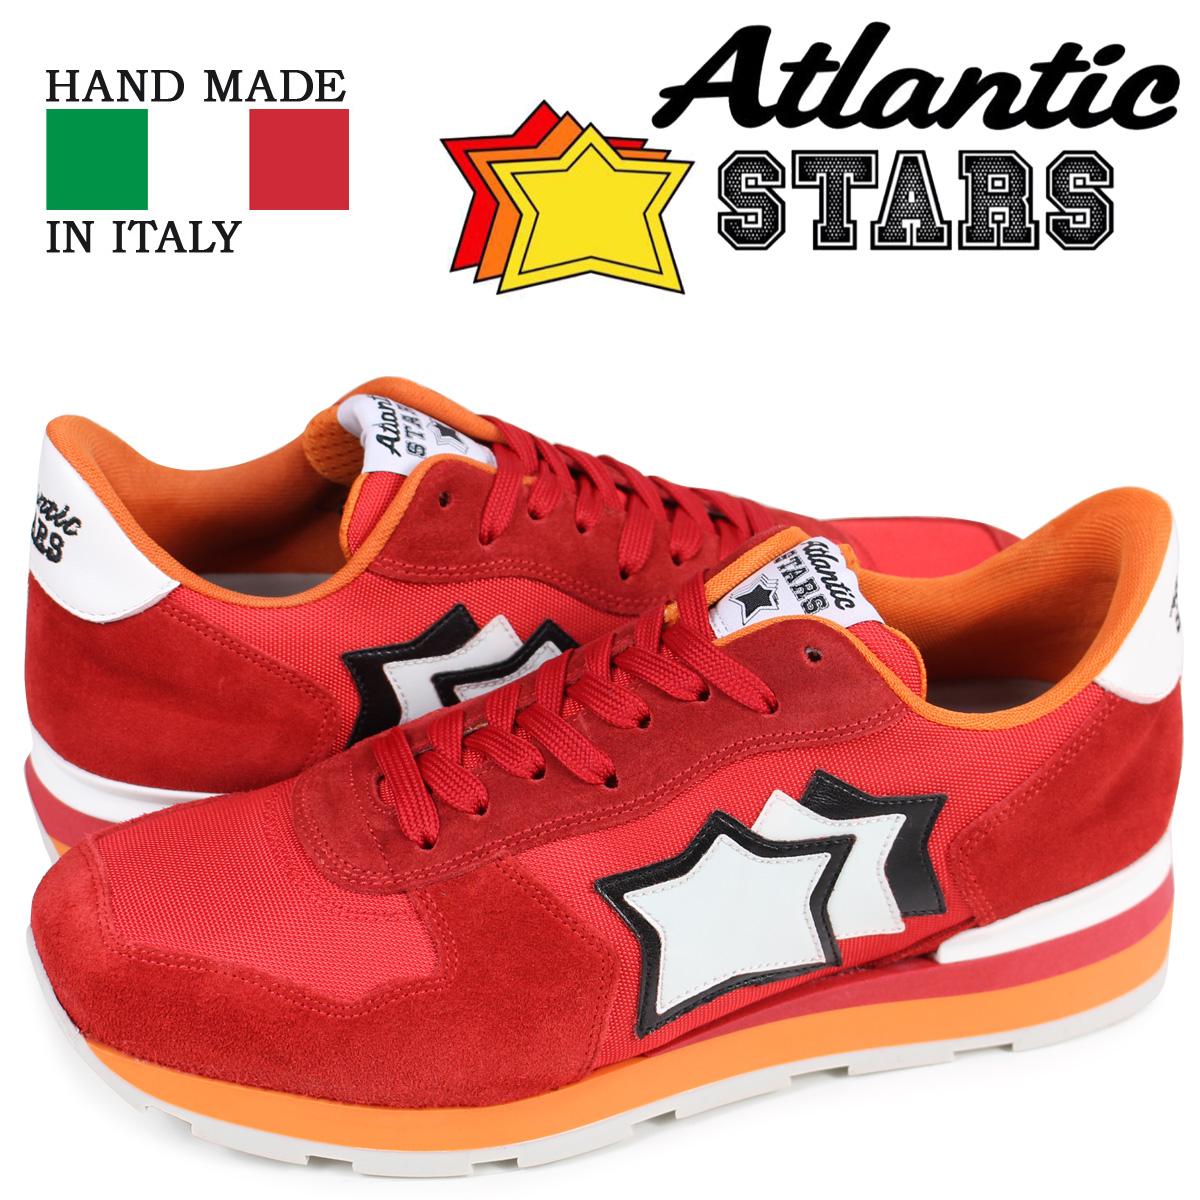 アトランティックスターズ メンズ スニーカー Atlantic STARS アンタレス ANTARES FR-85B レッド